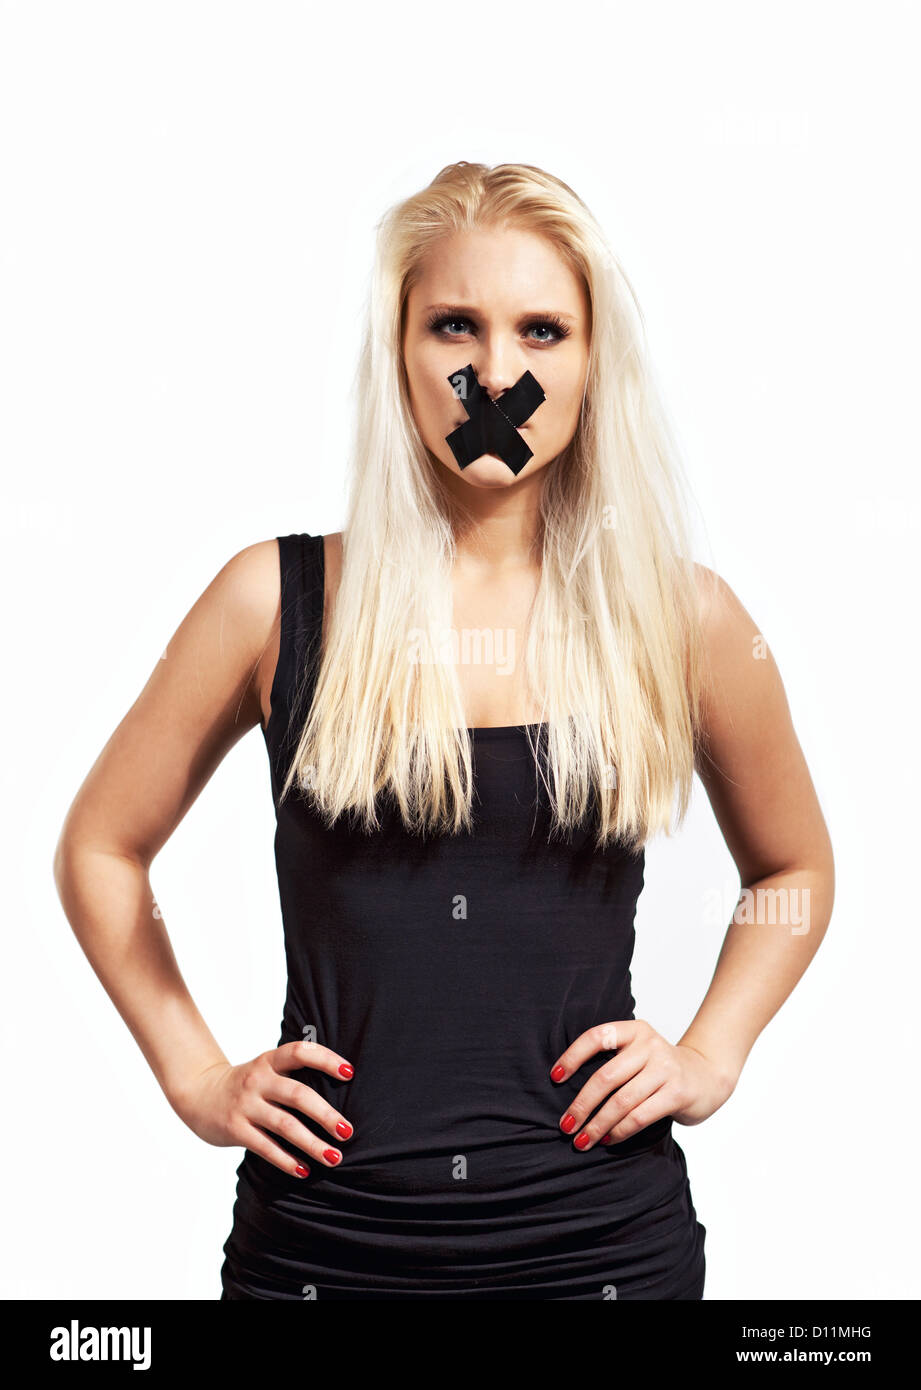 Tacitato donna in segno di protesta cercando arrabbiato e chiedono il suo diritto alla libertà di parola Immagini Stock